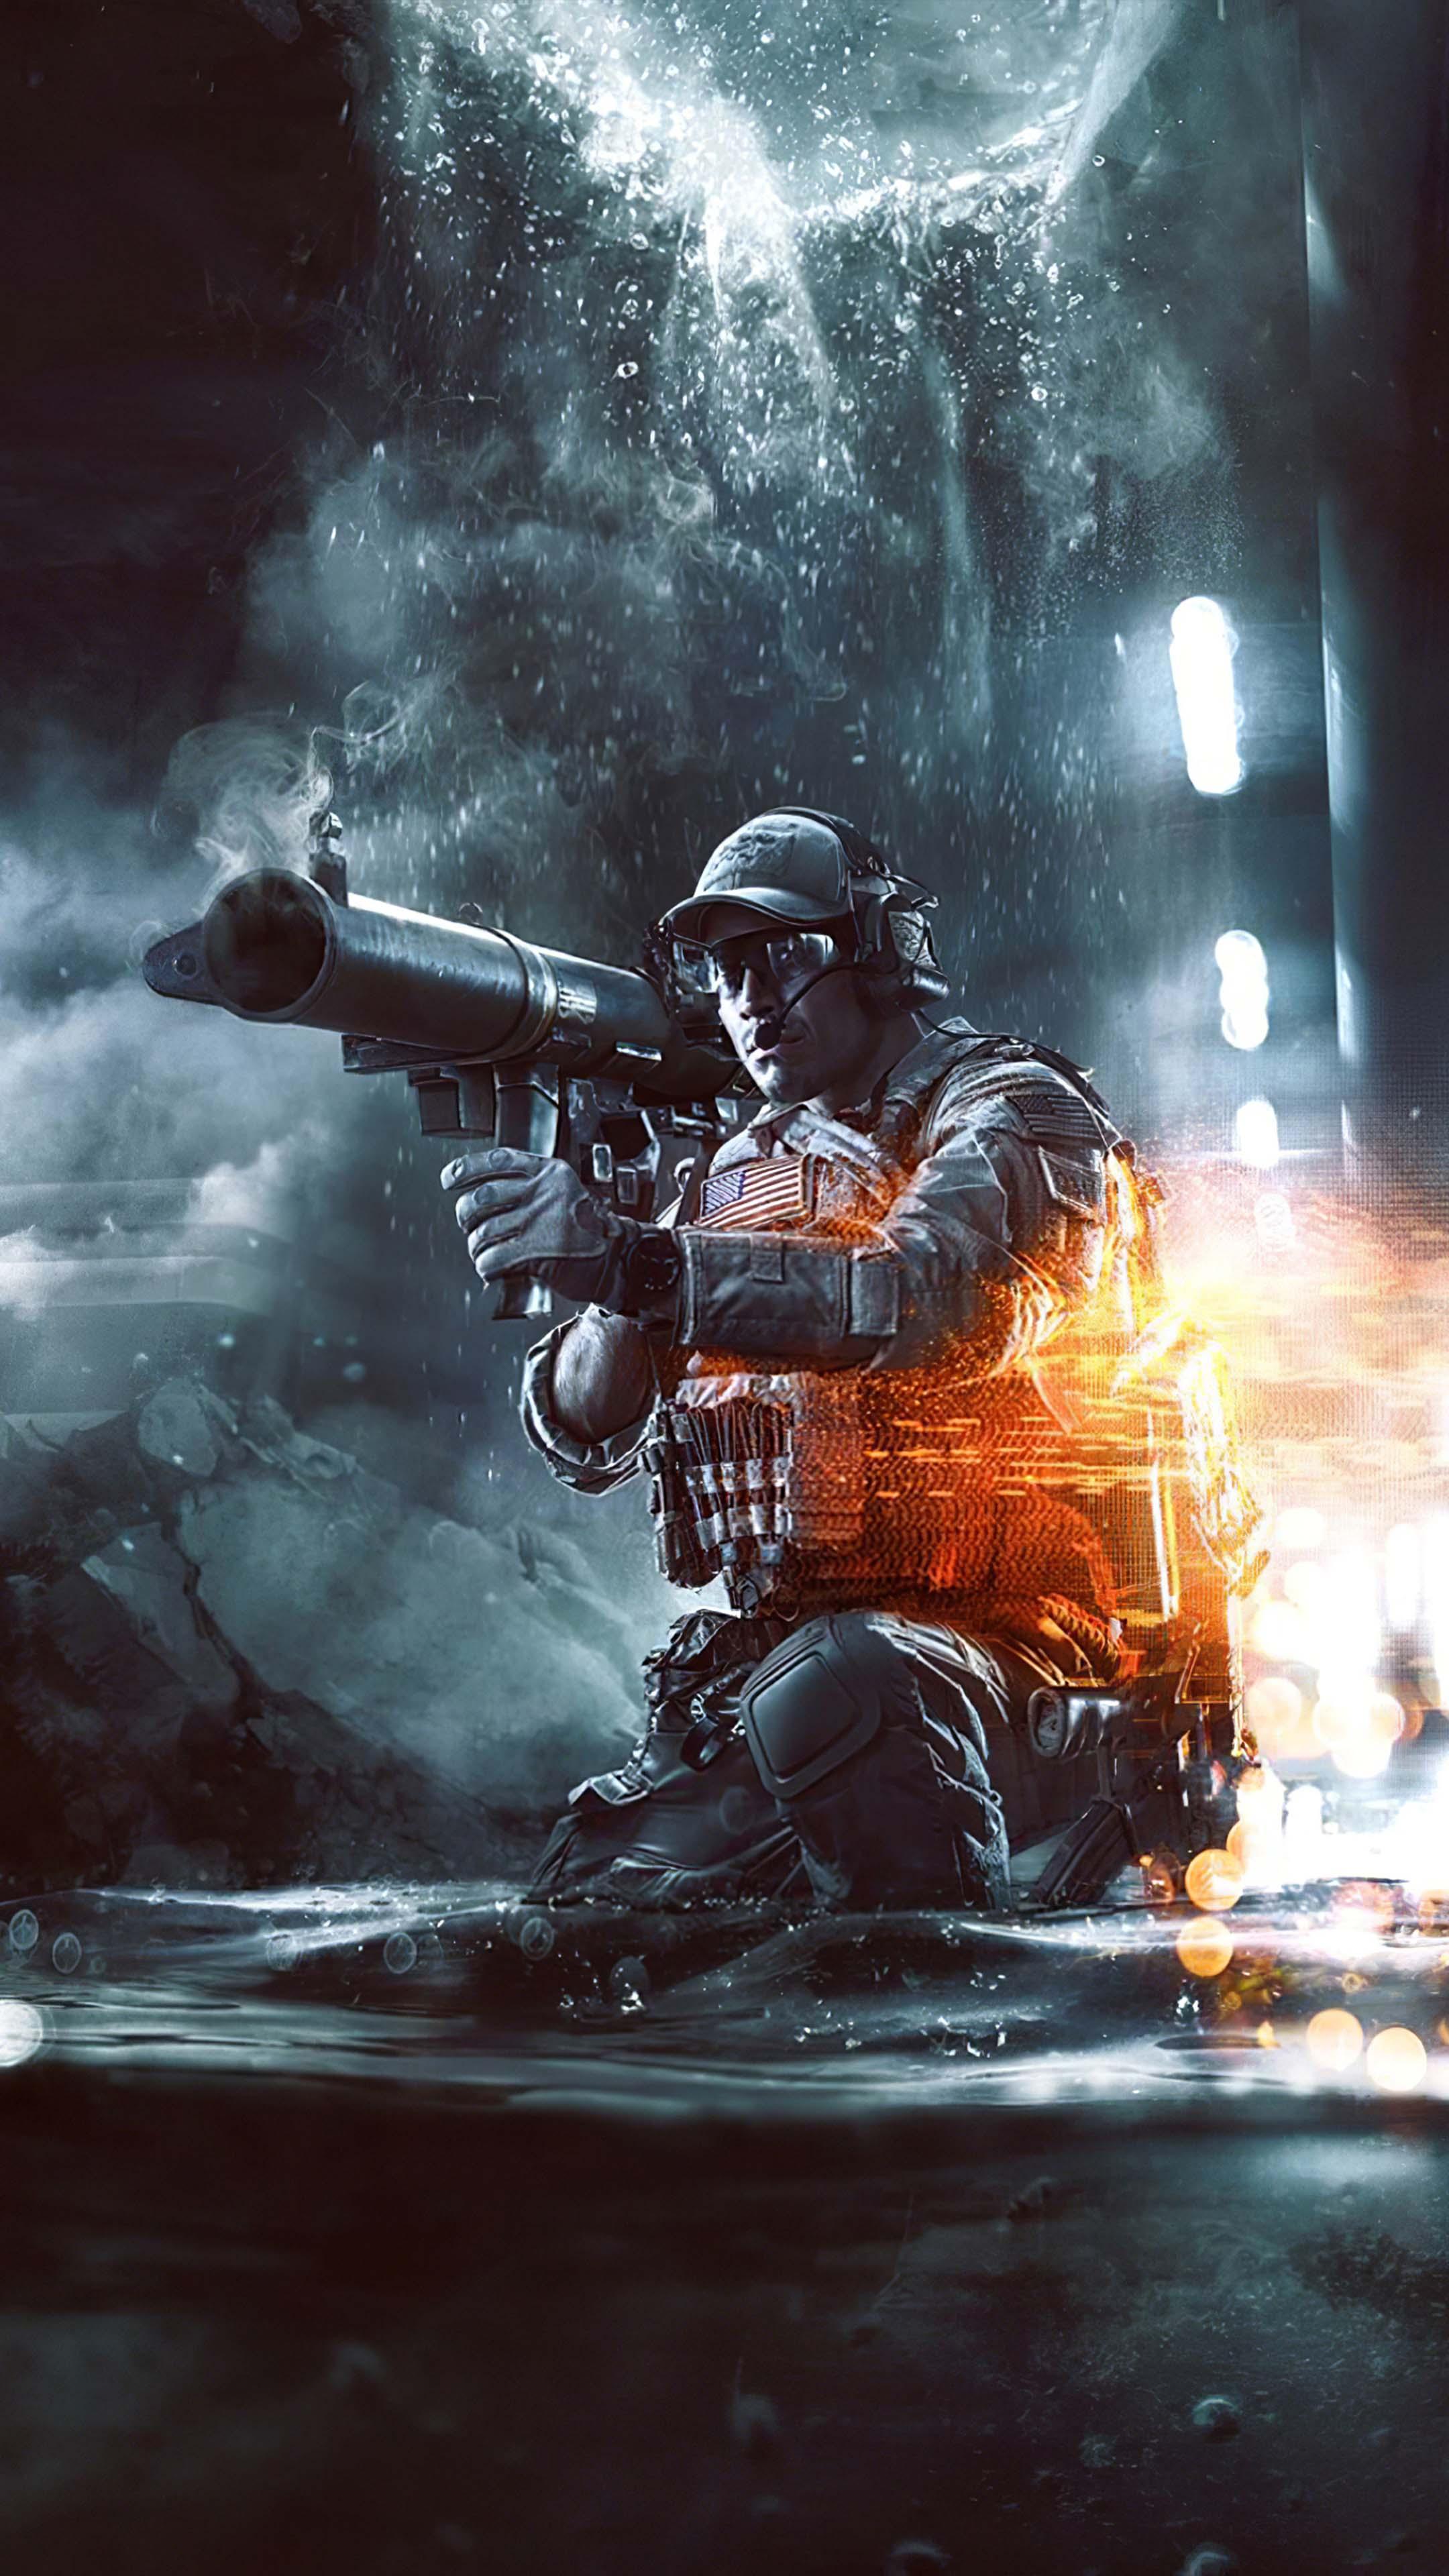 Battlefield 4 2019 Soldier 4K Ultra HD Mobile Wallpaper